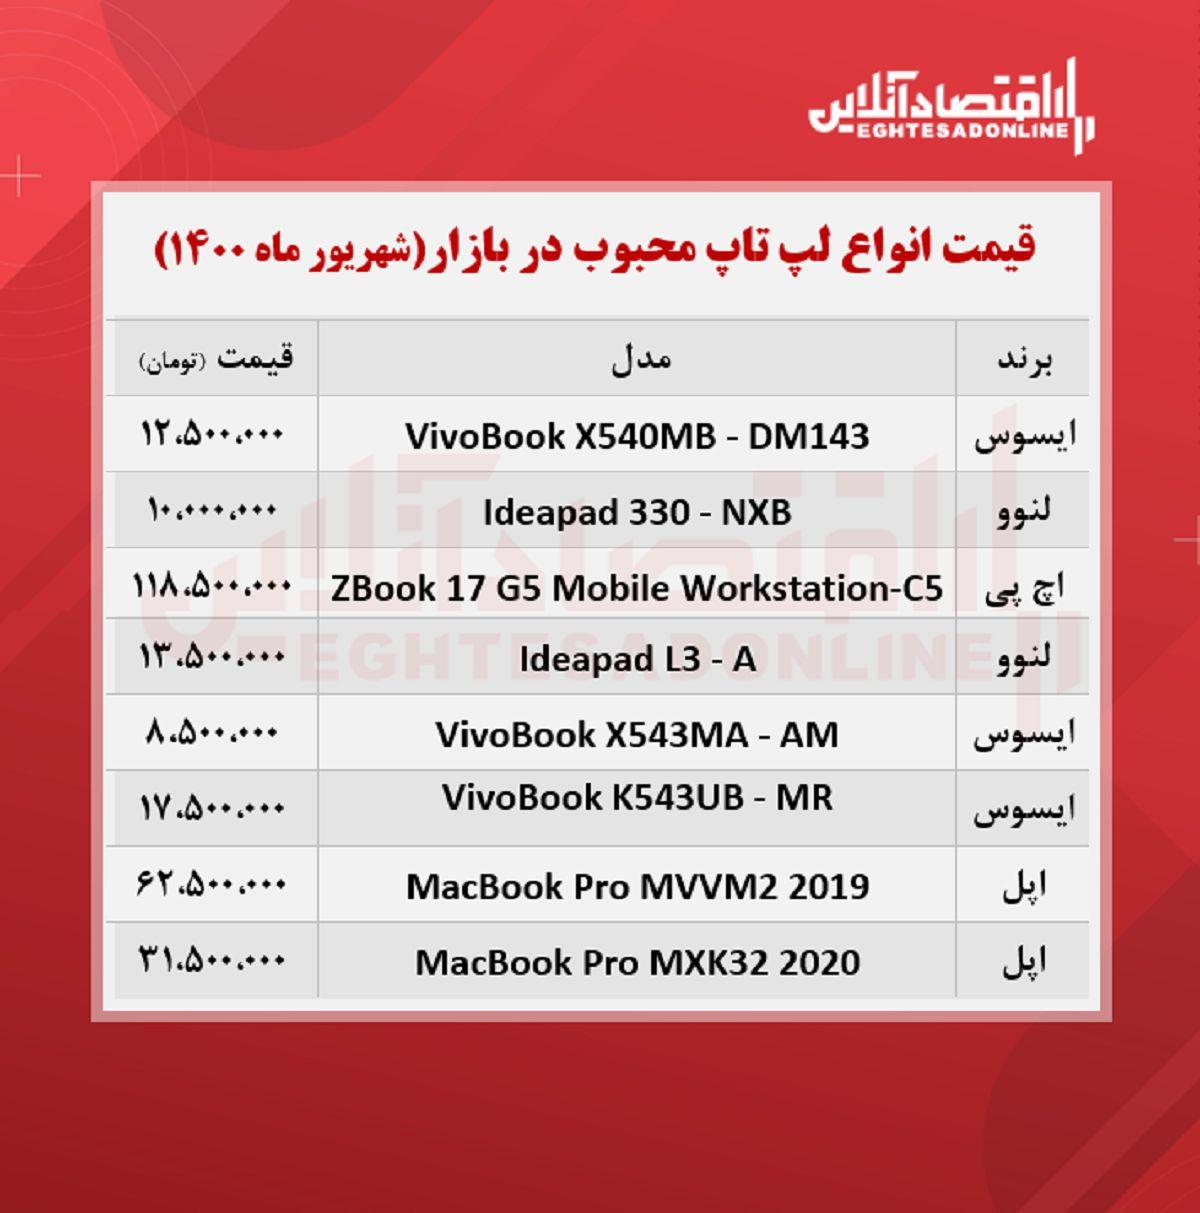 قیمت انواع لپ تاپ محبوب در بازار / ۱۰شهریور